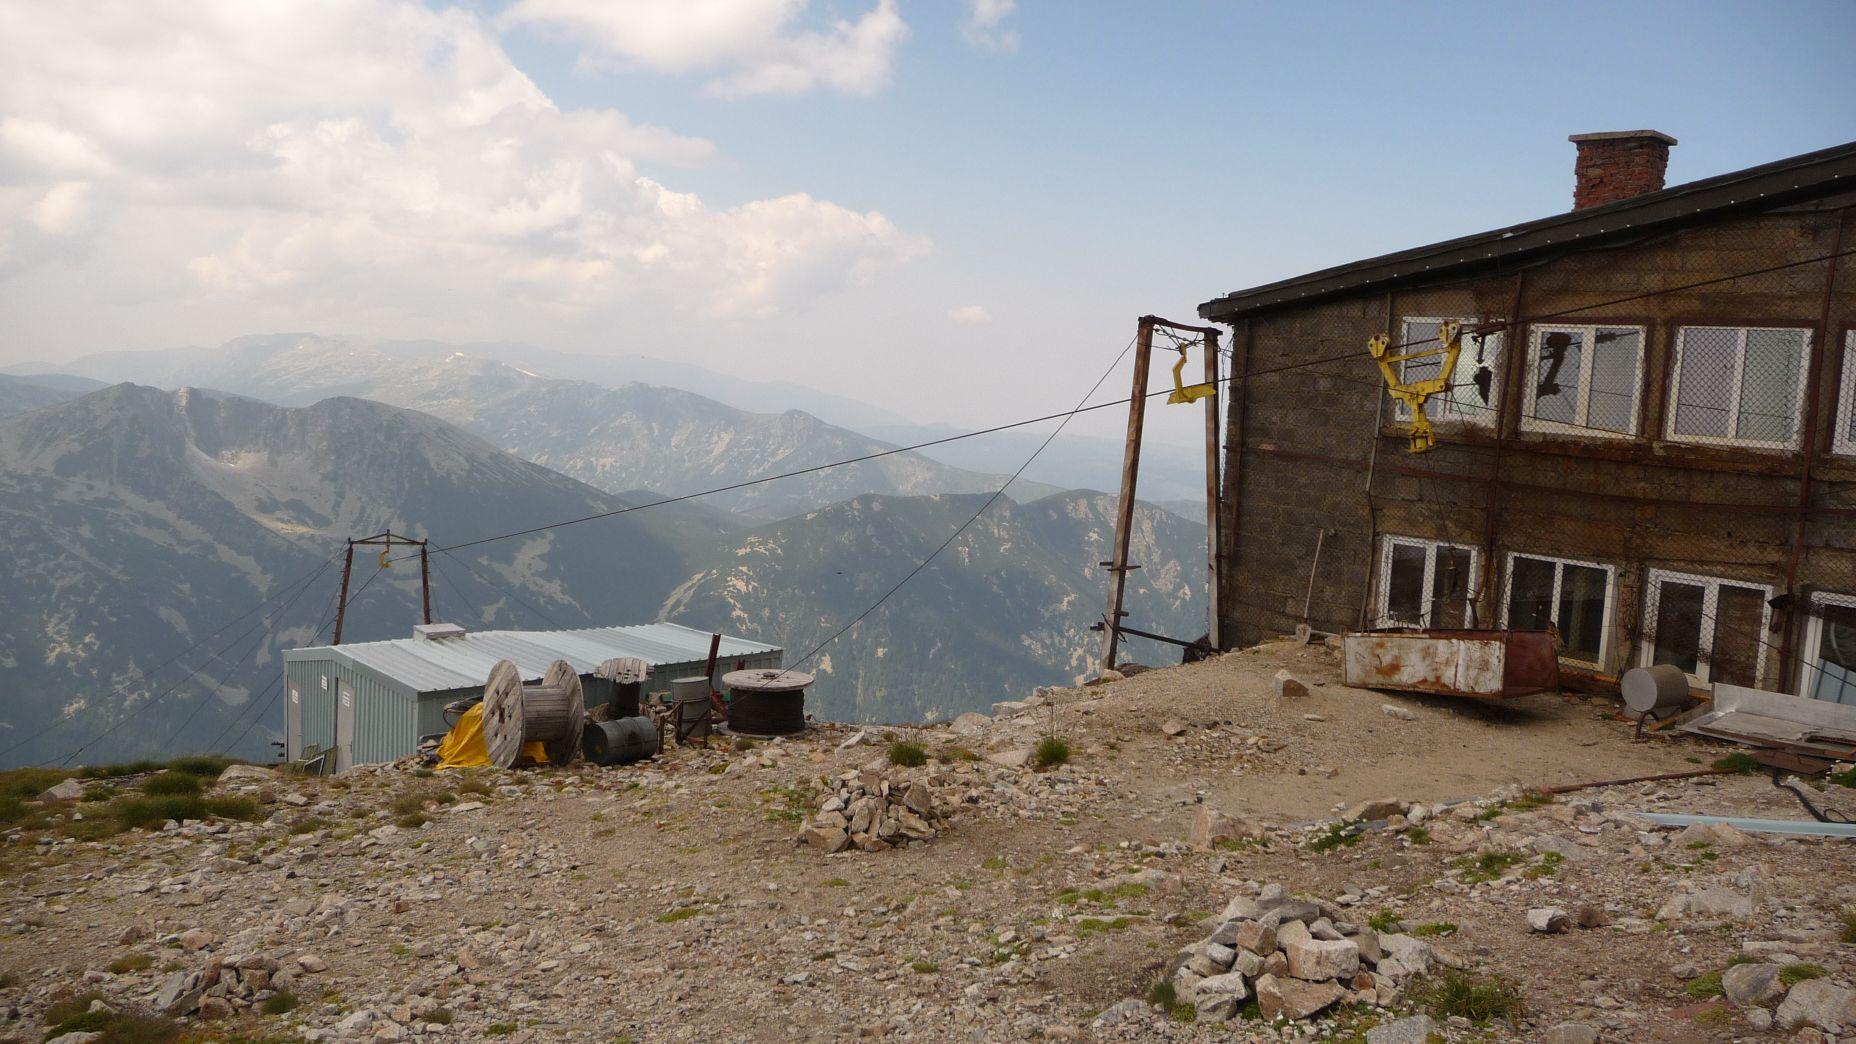 Bułgaria - Szczyt Musała - zdjęcia, atrakcje